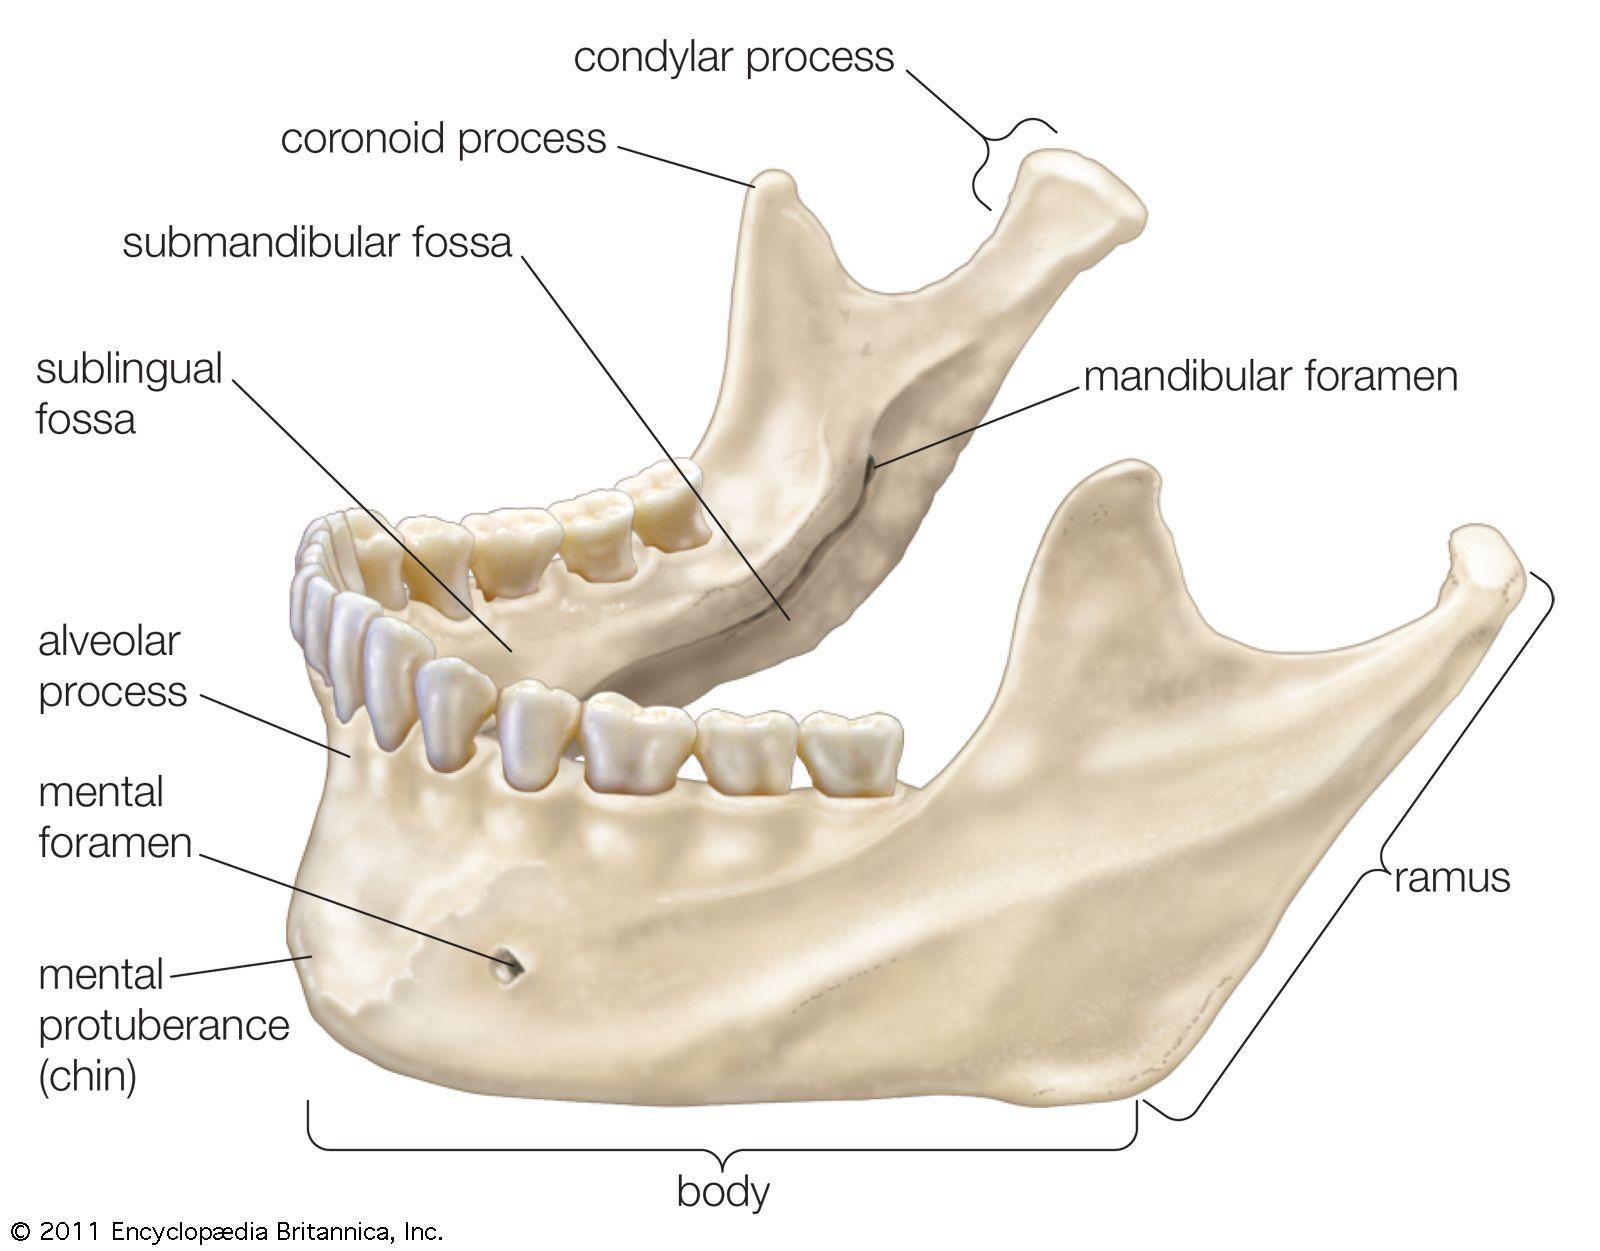 human mandible diagram leviton 3 way switch wiring diagrams the lower jawbone nursing